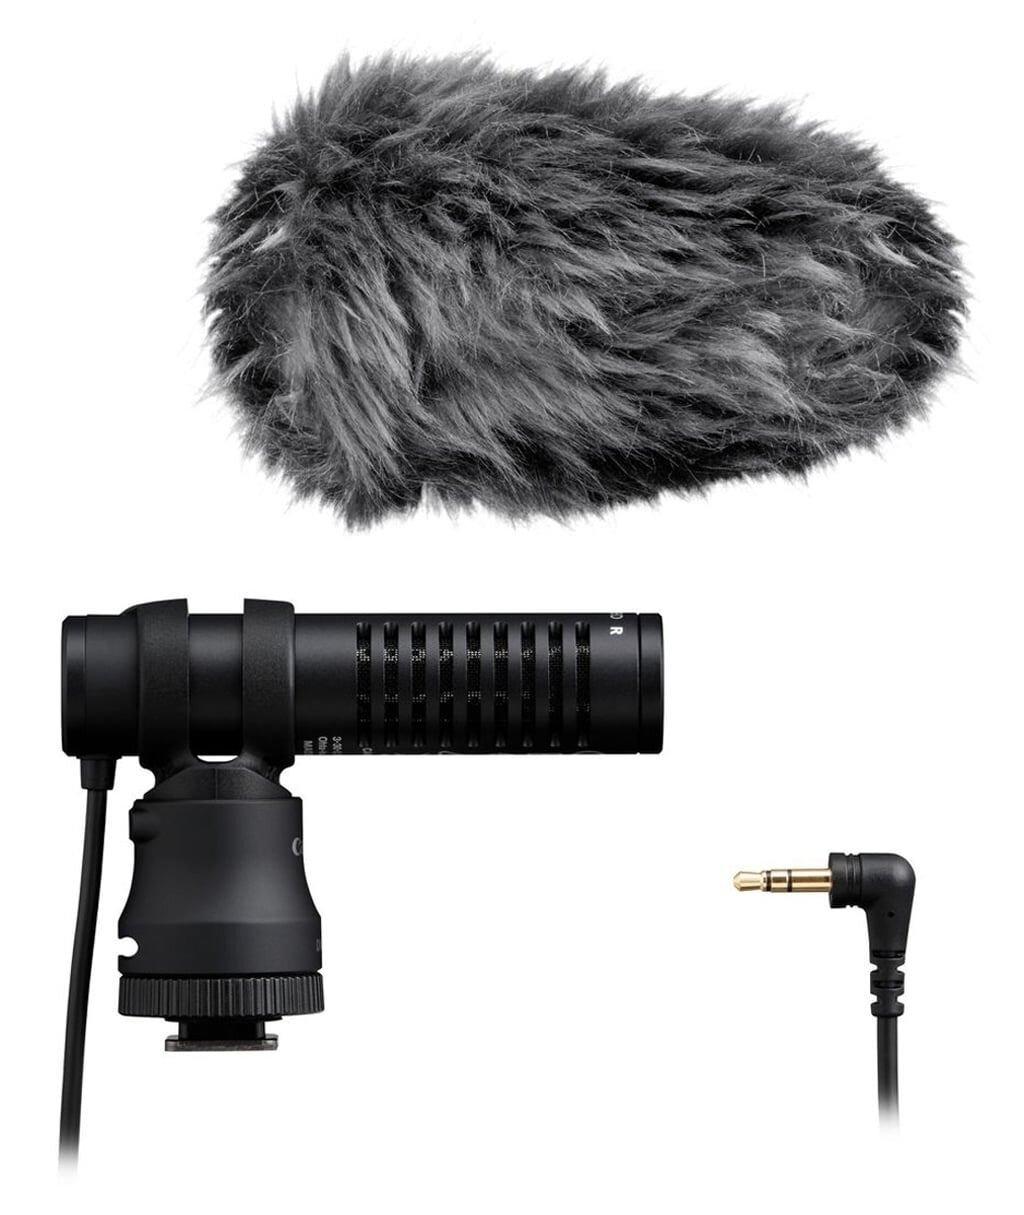 Canon DM-E100 Stereo-Mikrofon